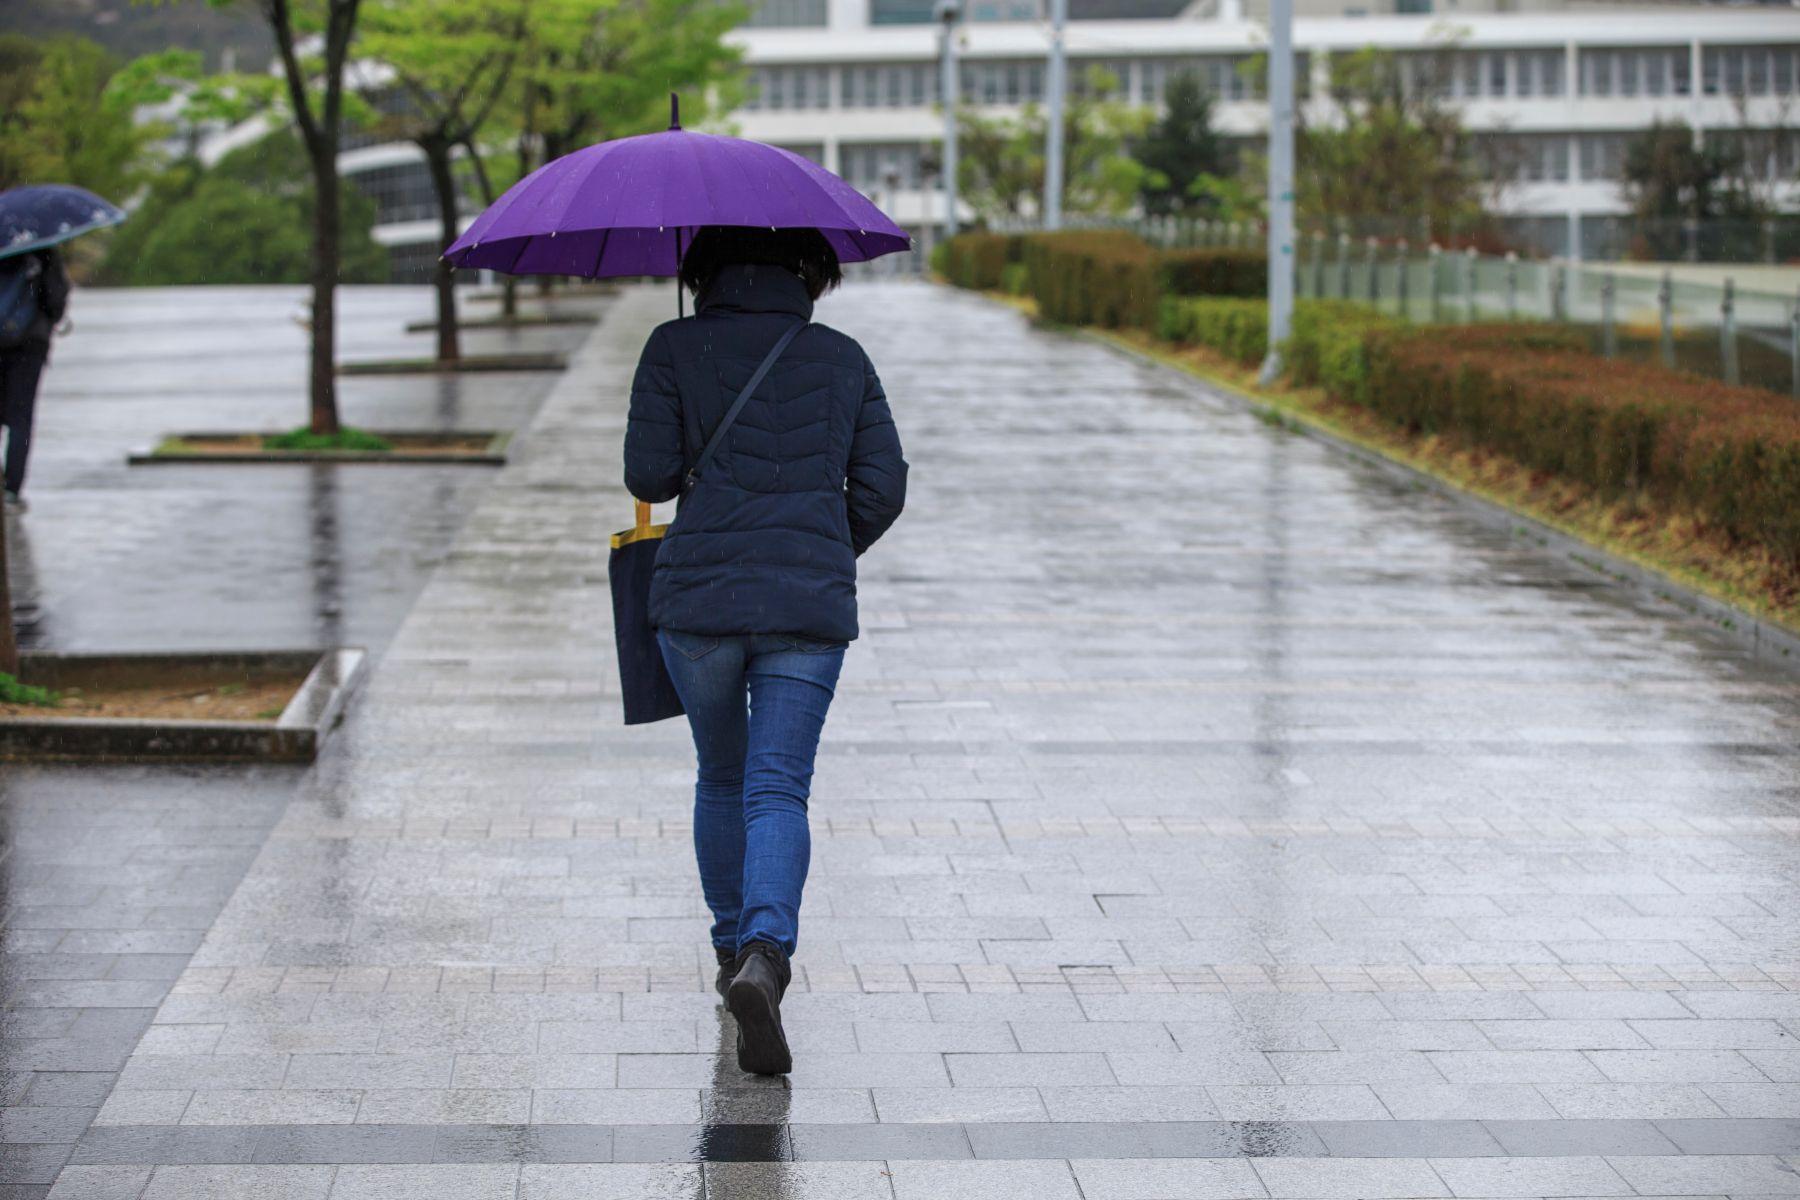 二月有強颱代表台灣今年受颱風影響大?氣象專家解答